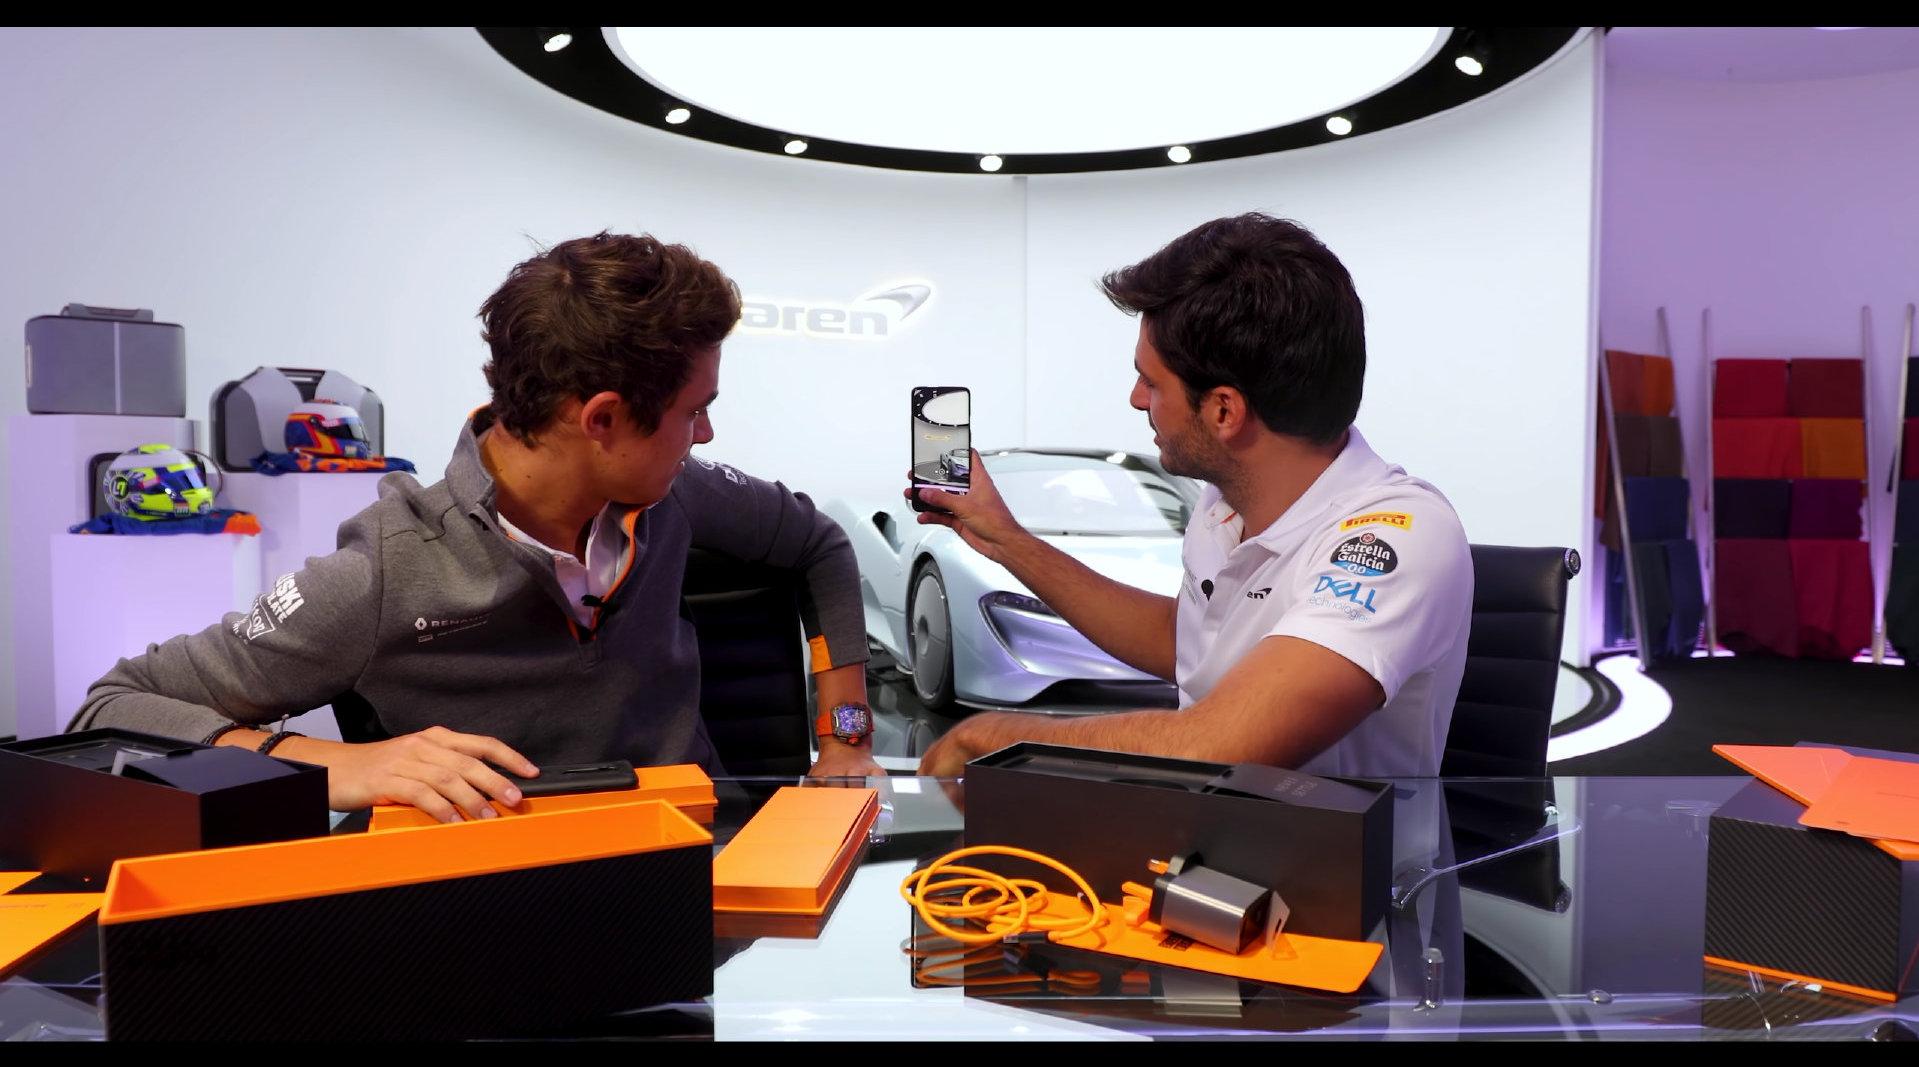 迈凯伦F1车队2019赛季车手卡洛斯·塞恩斯(Carlos Sainz)和兰多·诺里斯